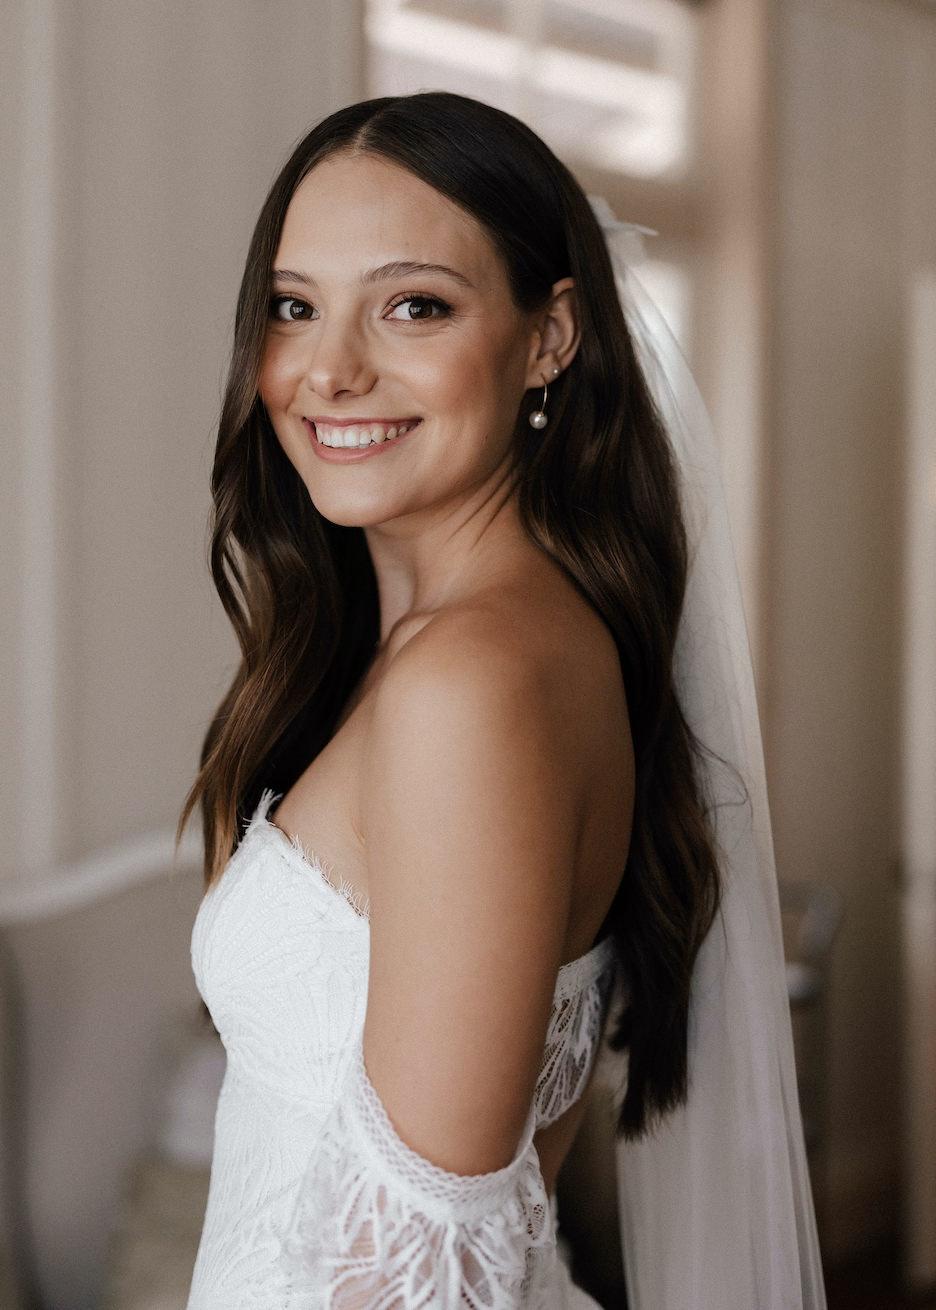 Bride smiling and looking at camera